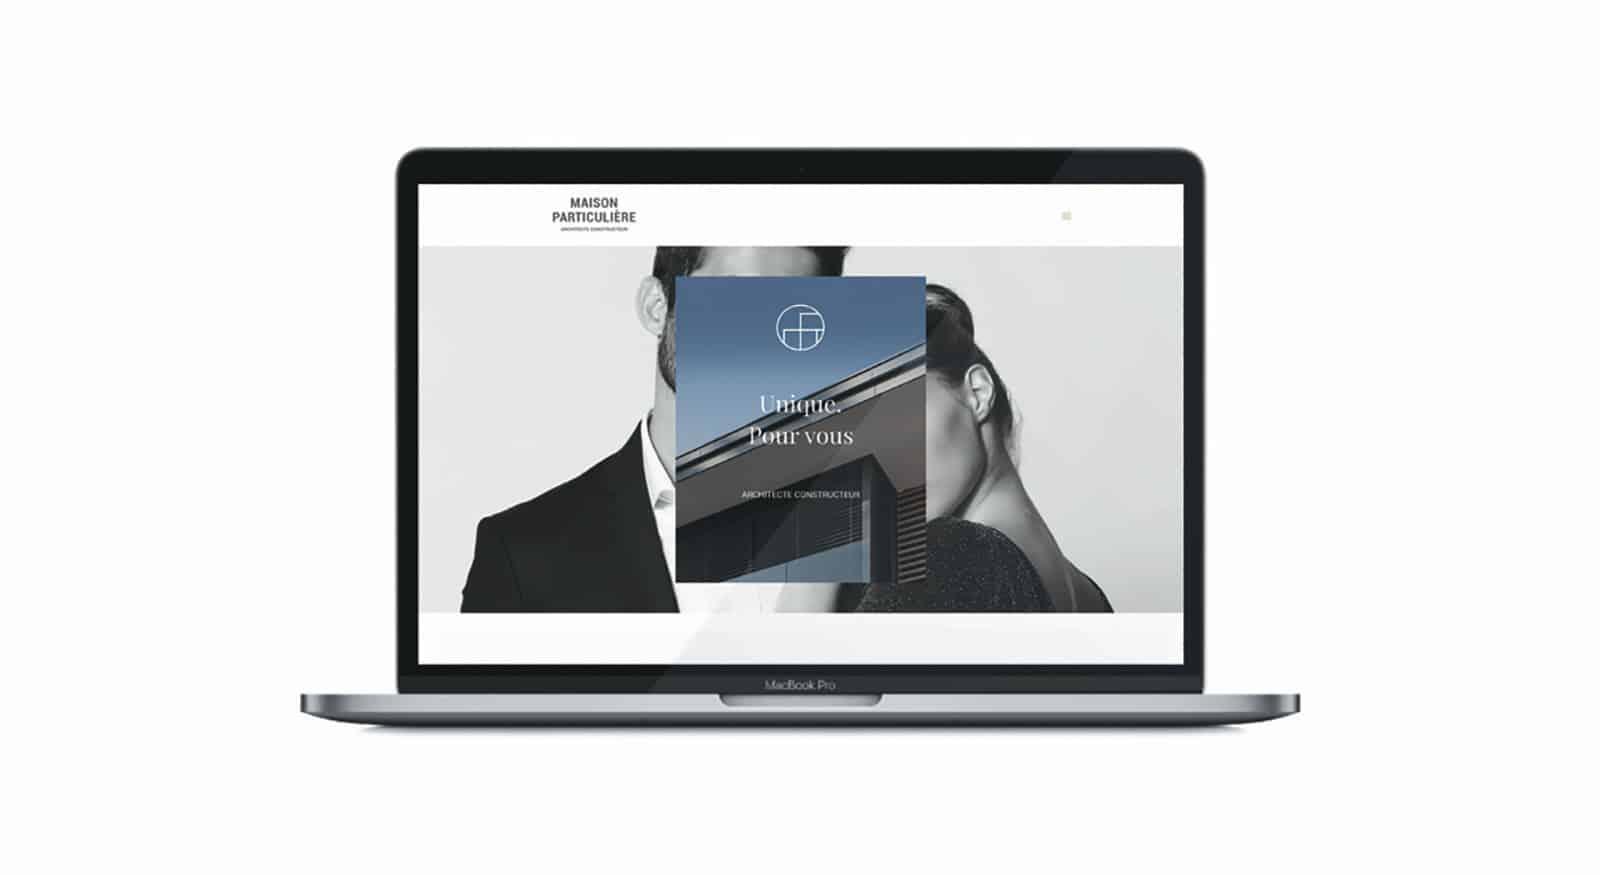 Nouveau site internet constructeur, Lac d'Annecy - Maison, villa contemporaine - Maison Particulière Archidomo